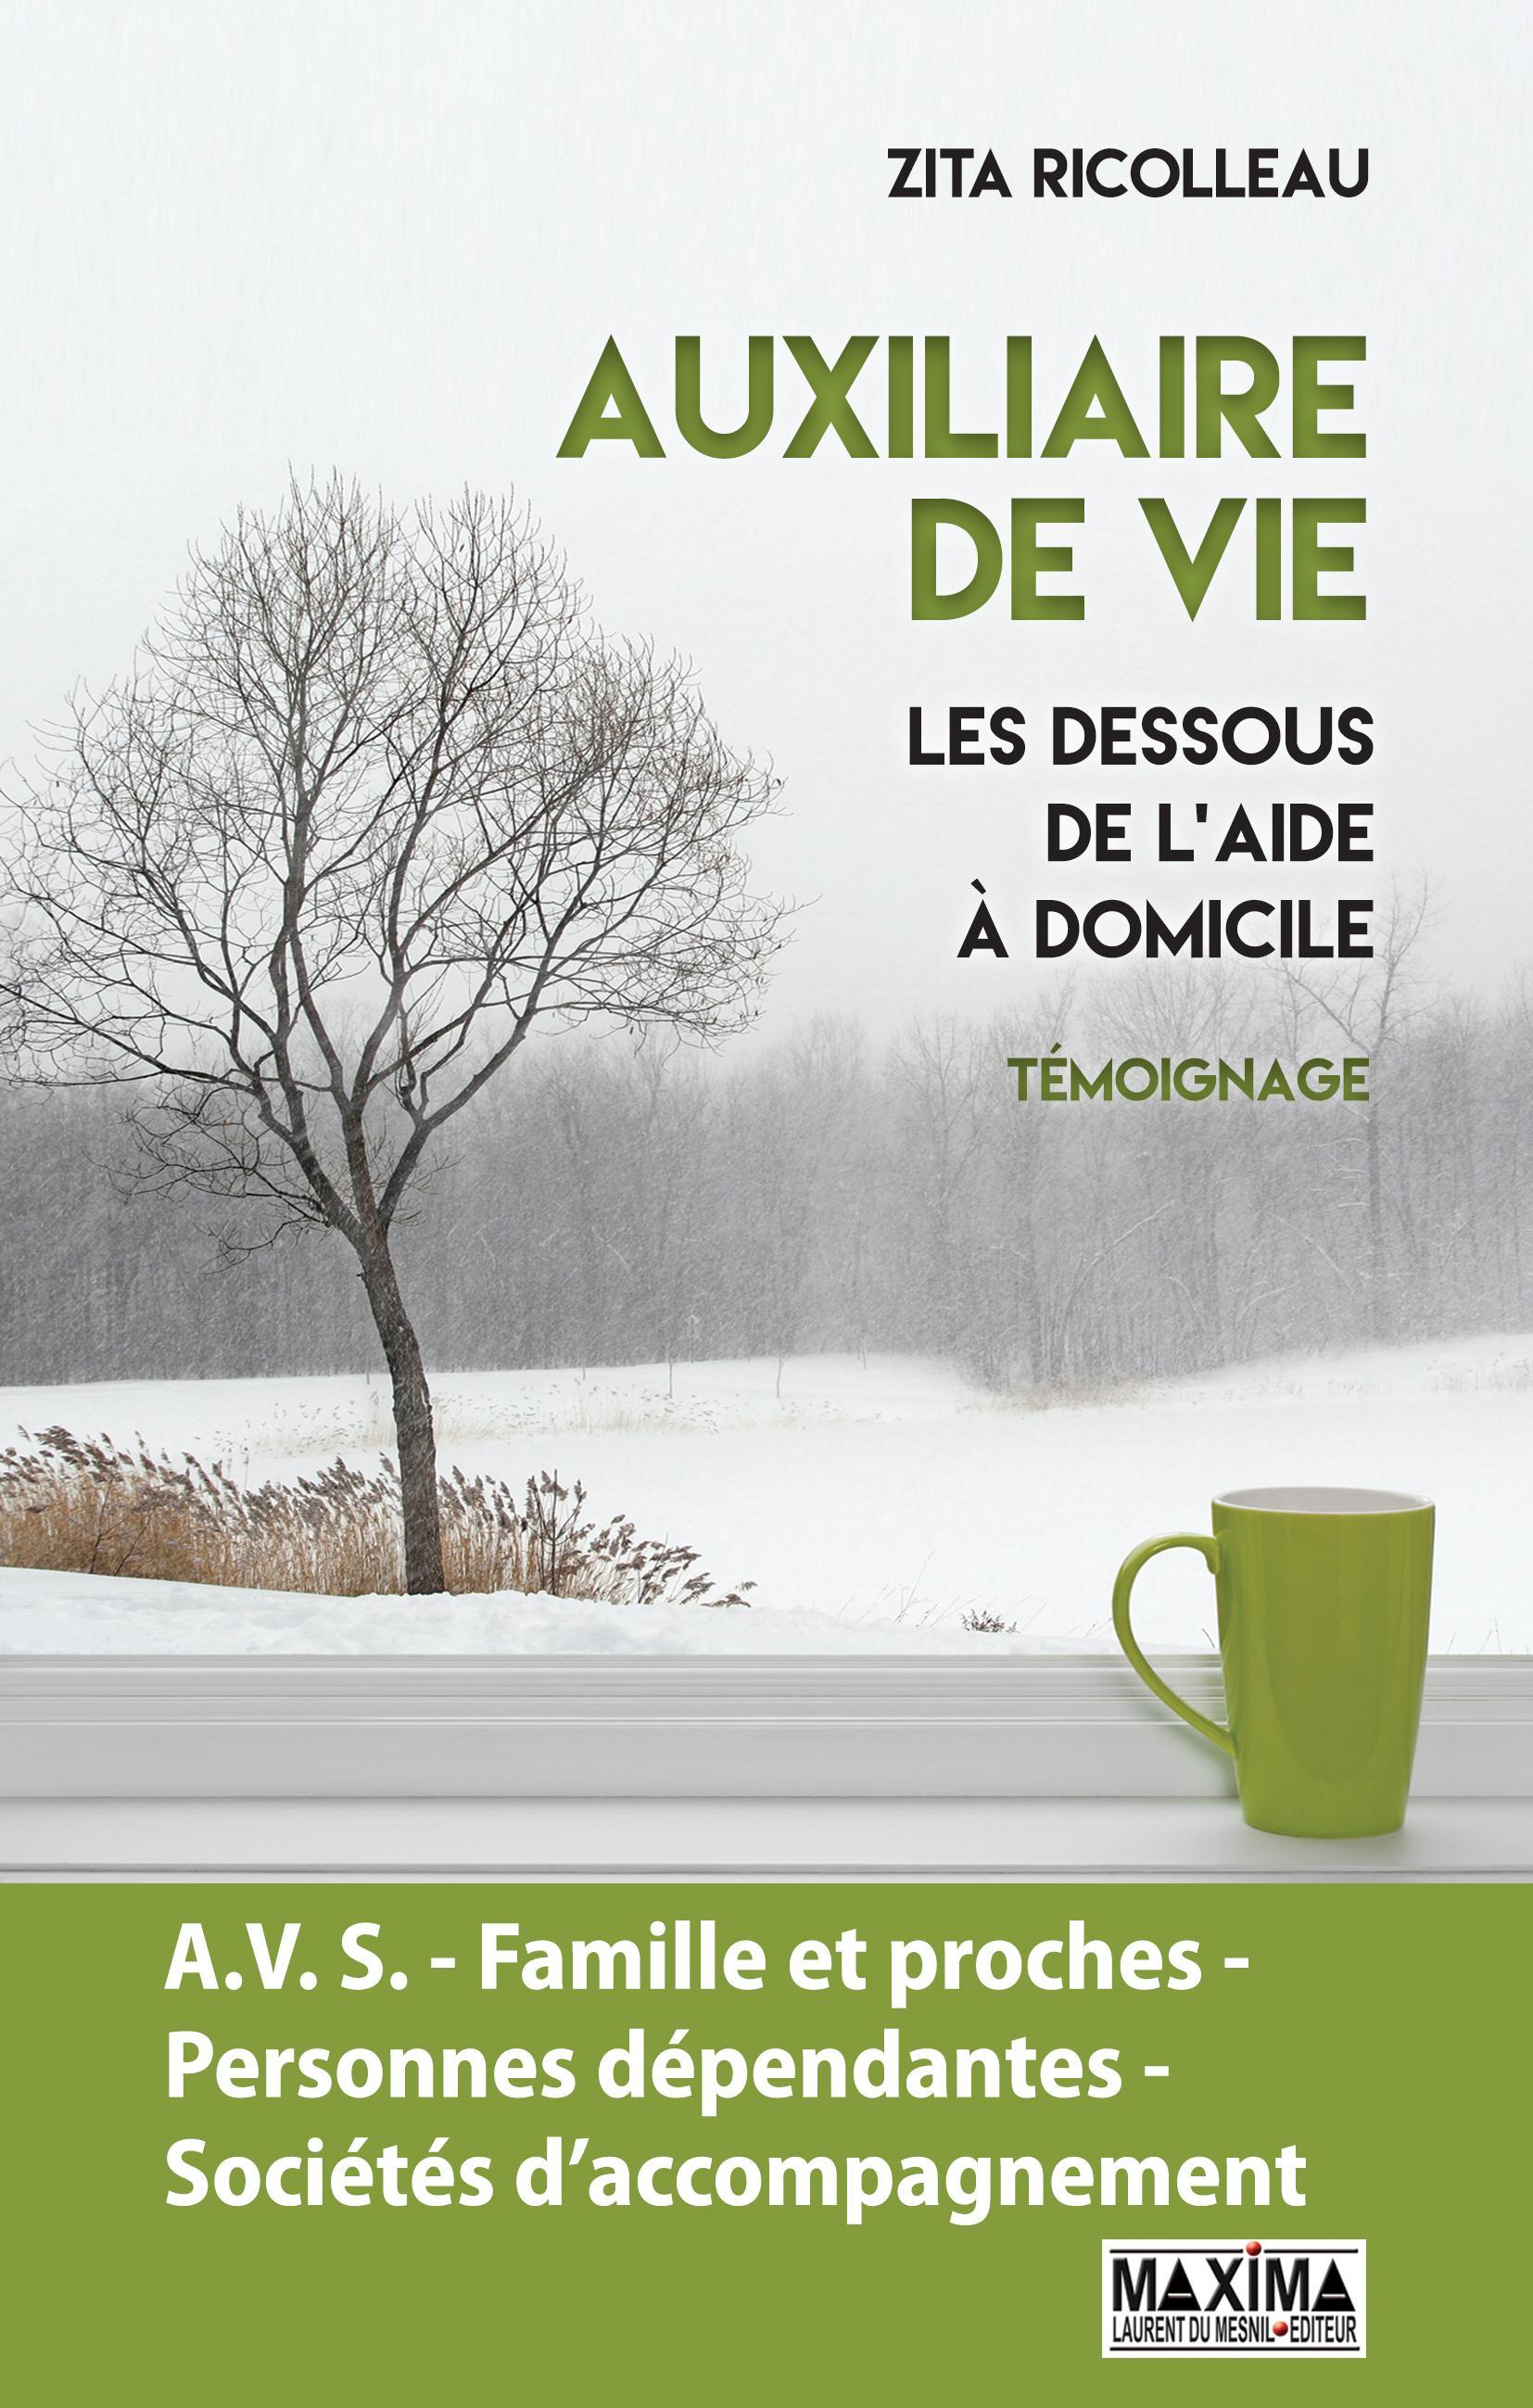 Auxiliaire de vie, LES DESSOUS DE L'AIDE À DOMICILE